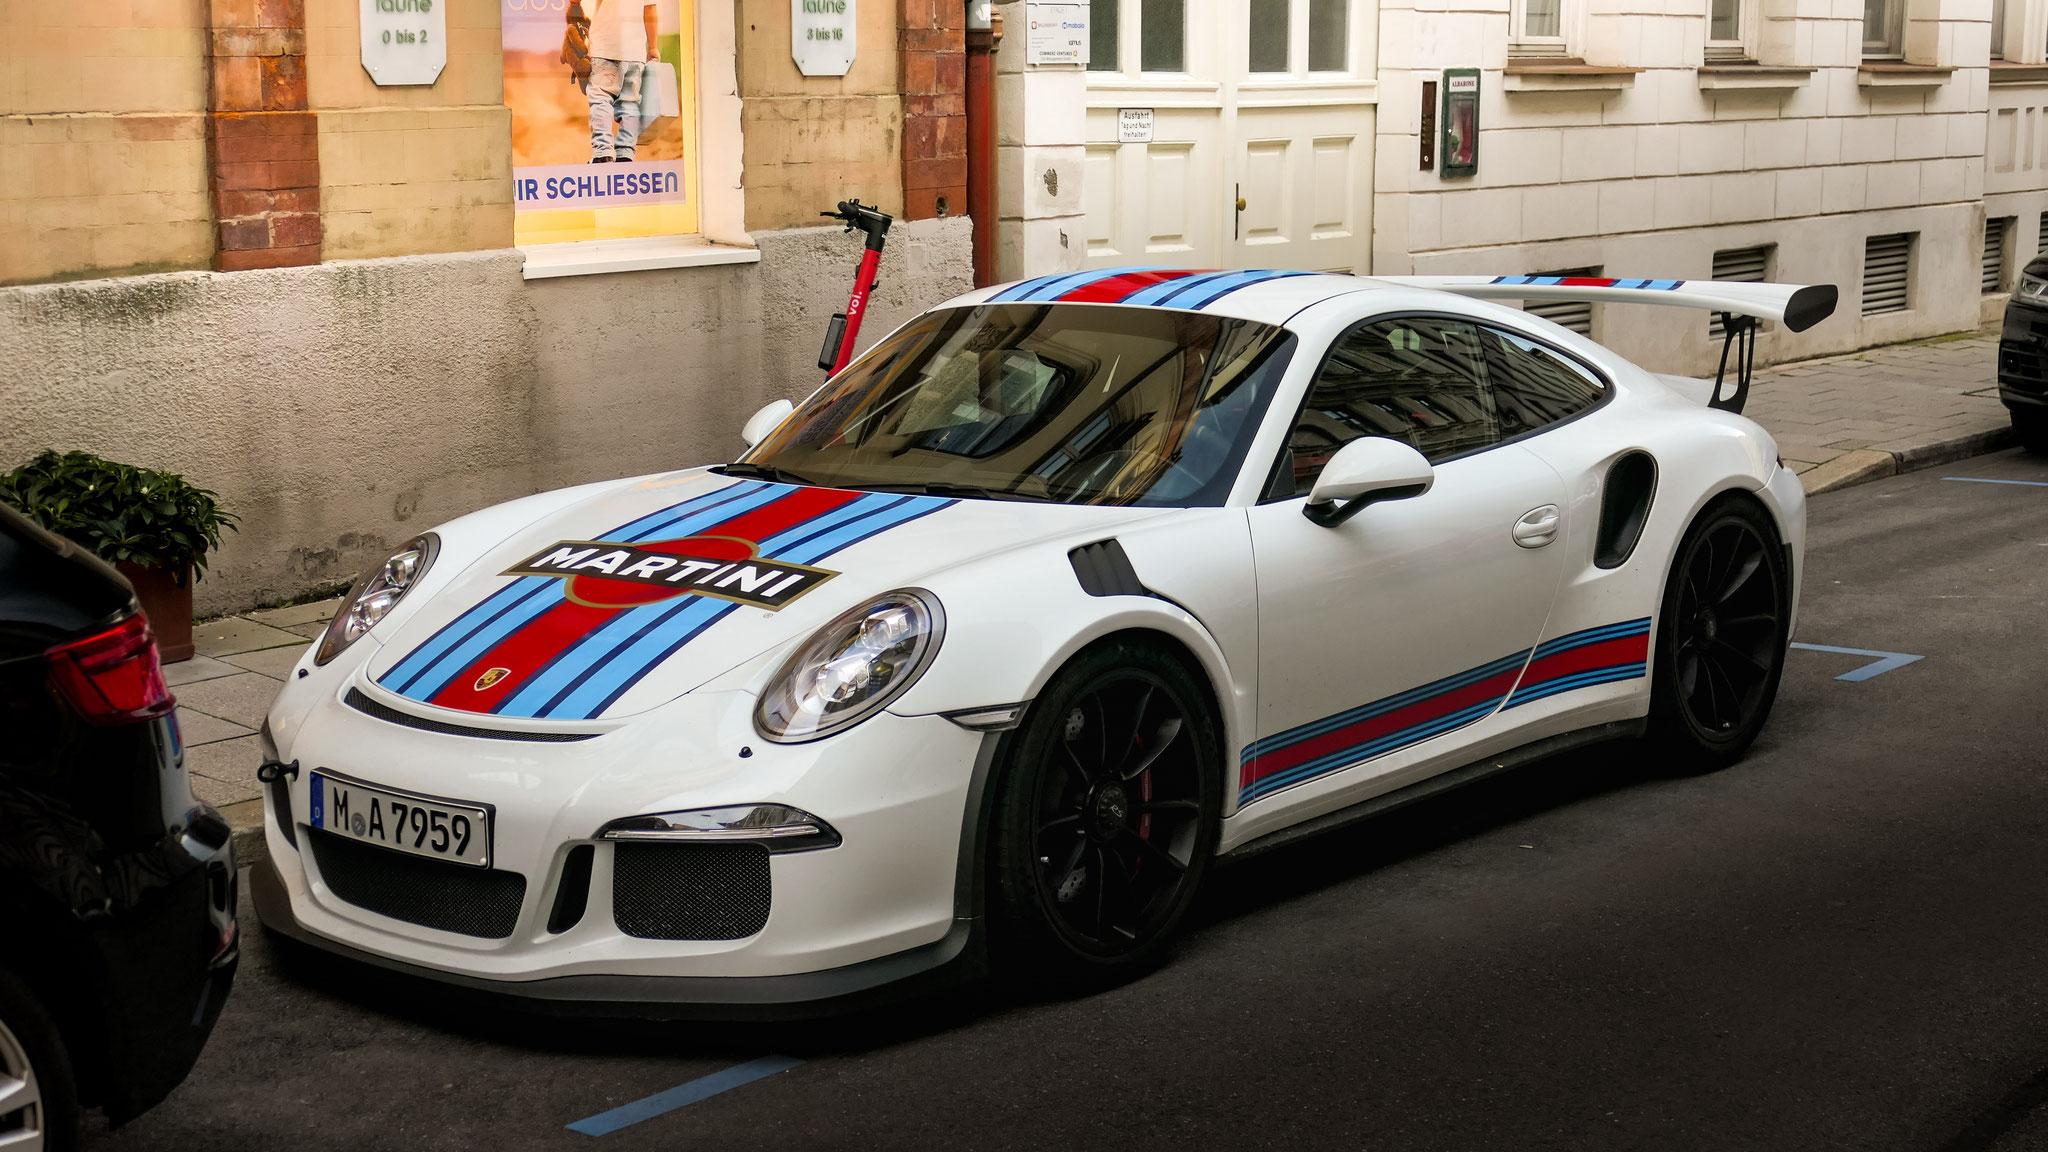 Porsche 911 GT3 RS - M-A-7959